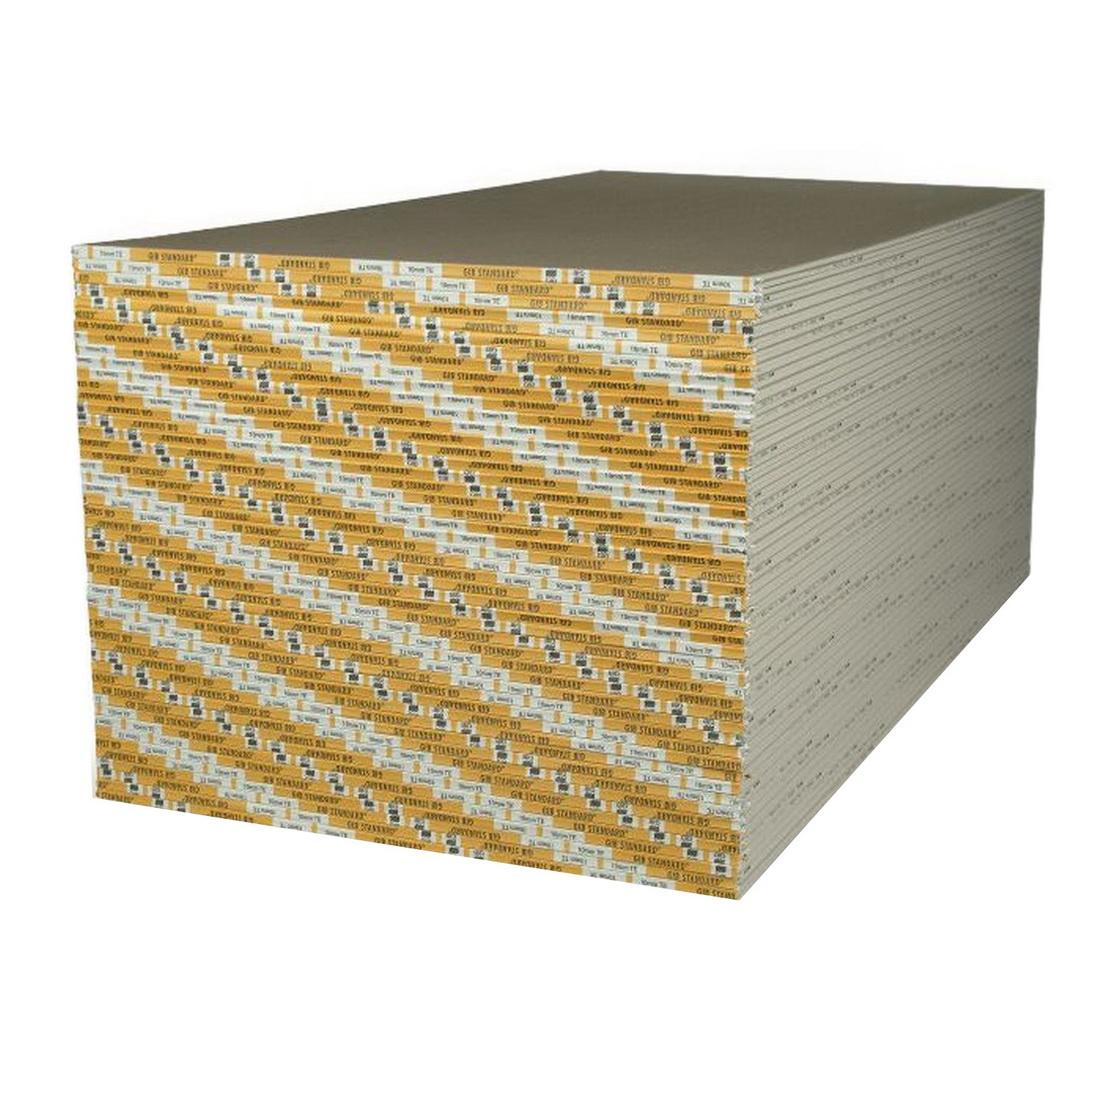 Standard Wallboard 4200 x 1200 x 10mm Taper Edge/Square Edge